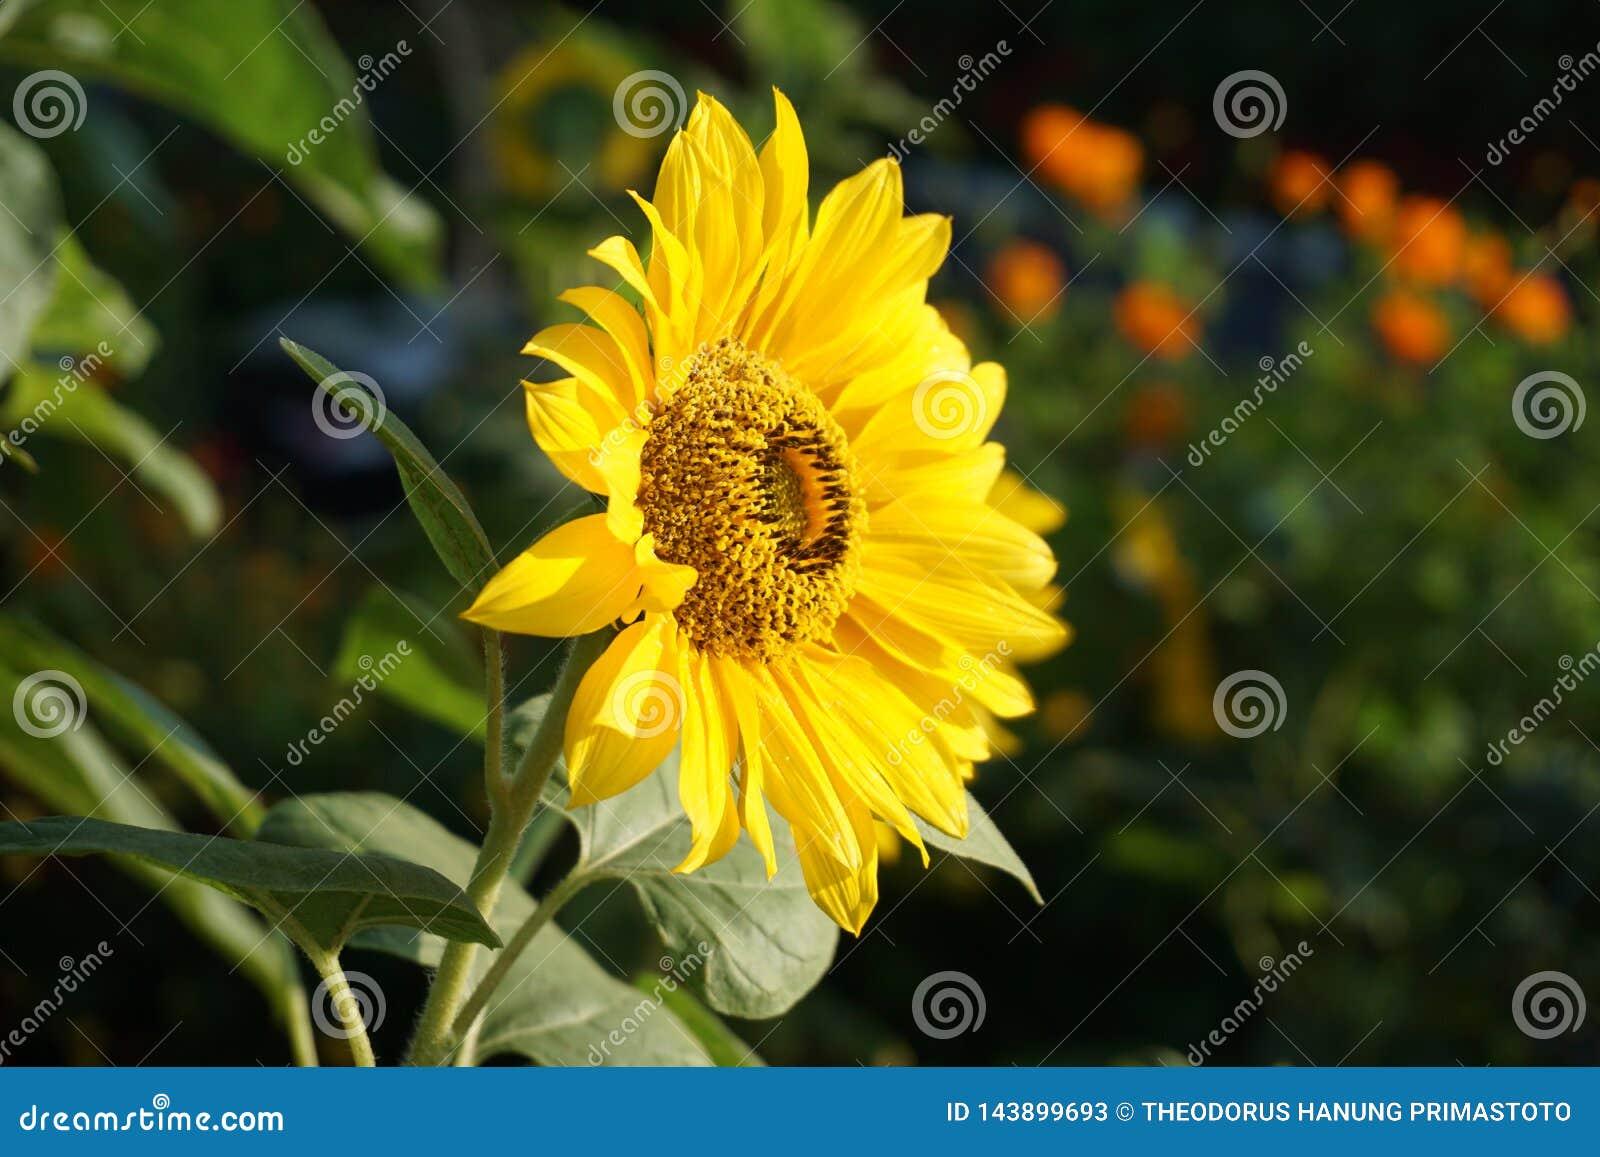 Zonnebloem in de tropische bloemtuin